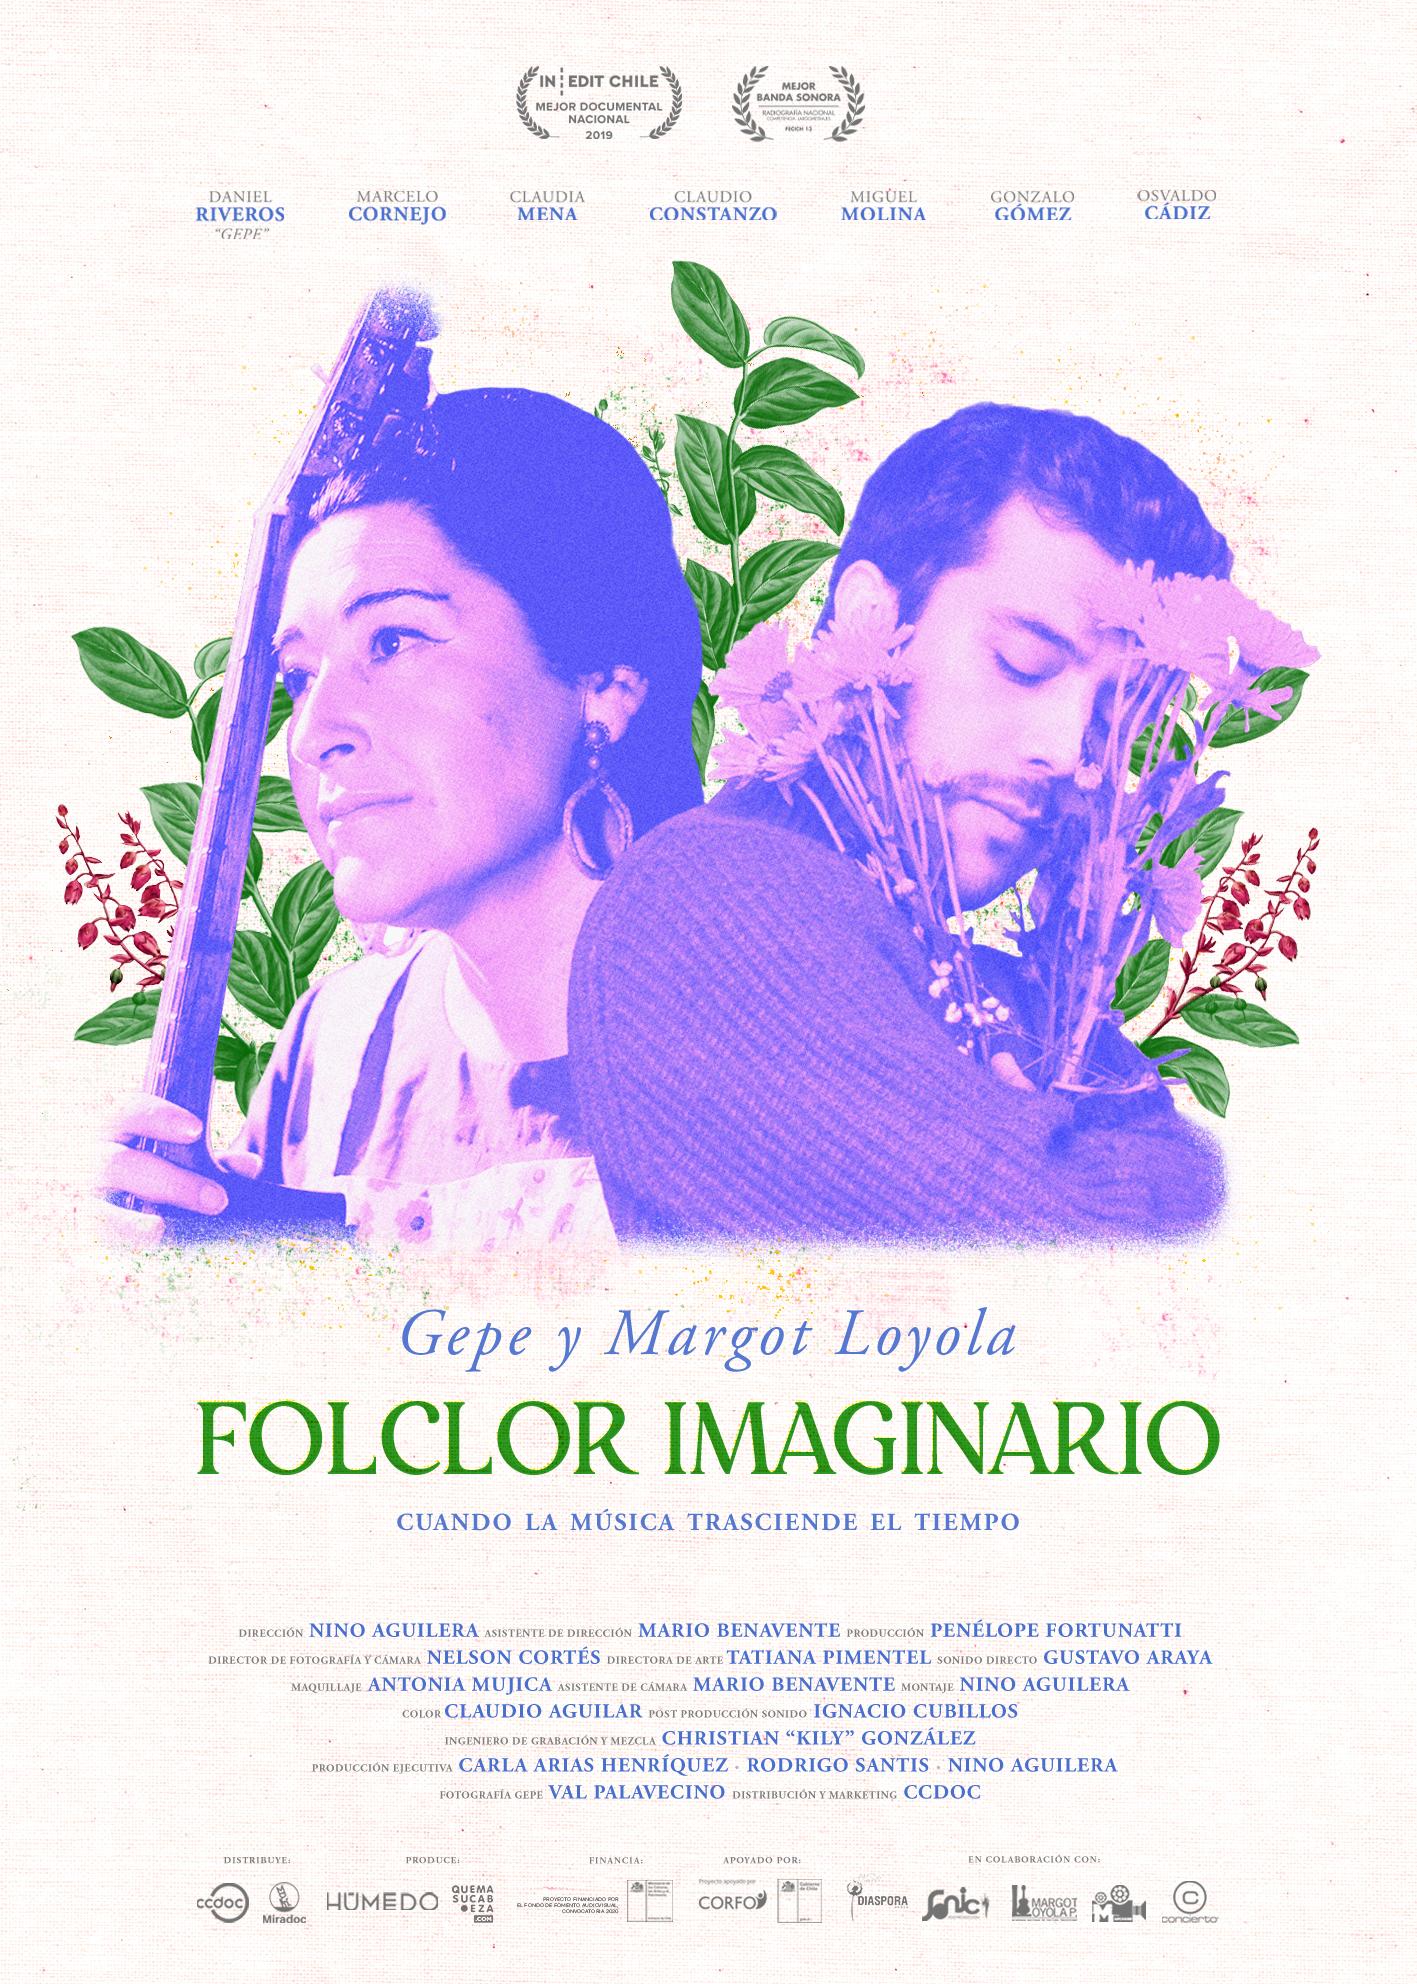 Gepe y Margot Loyola: Documental Folclor Imaginario . Online